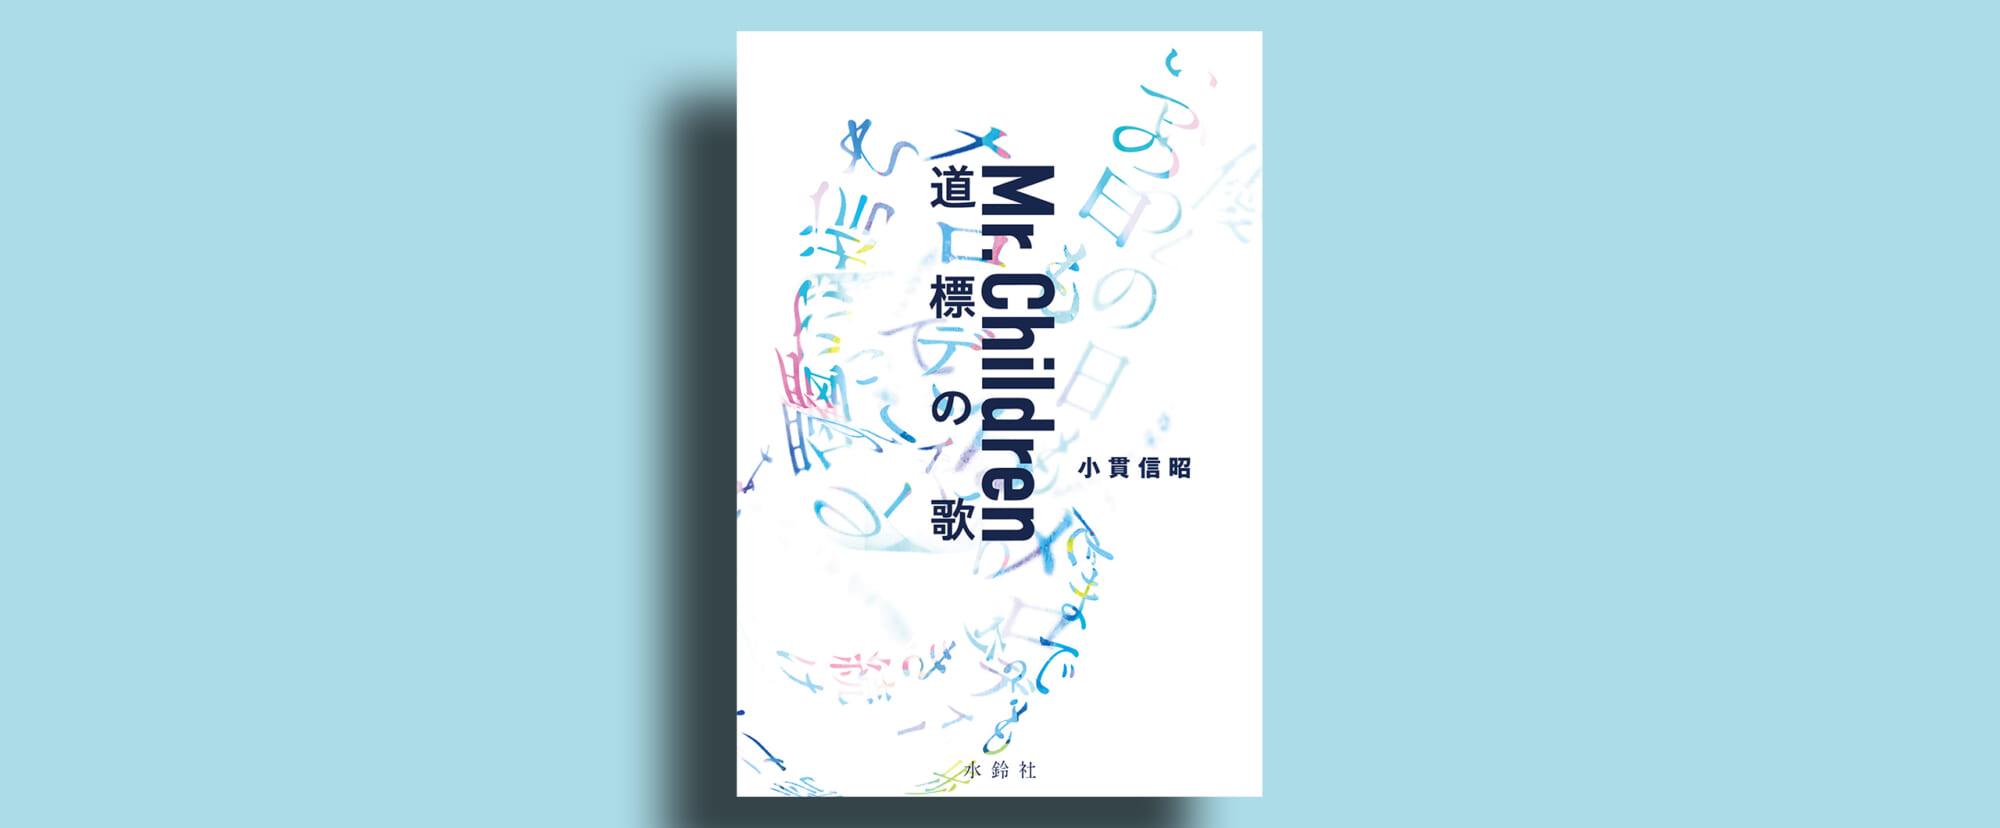 Mr.Childrenの歴史に迫る渾身のノンフィクション書籍が発売!!